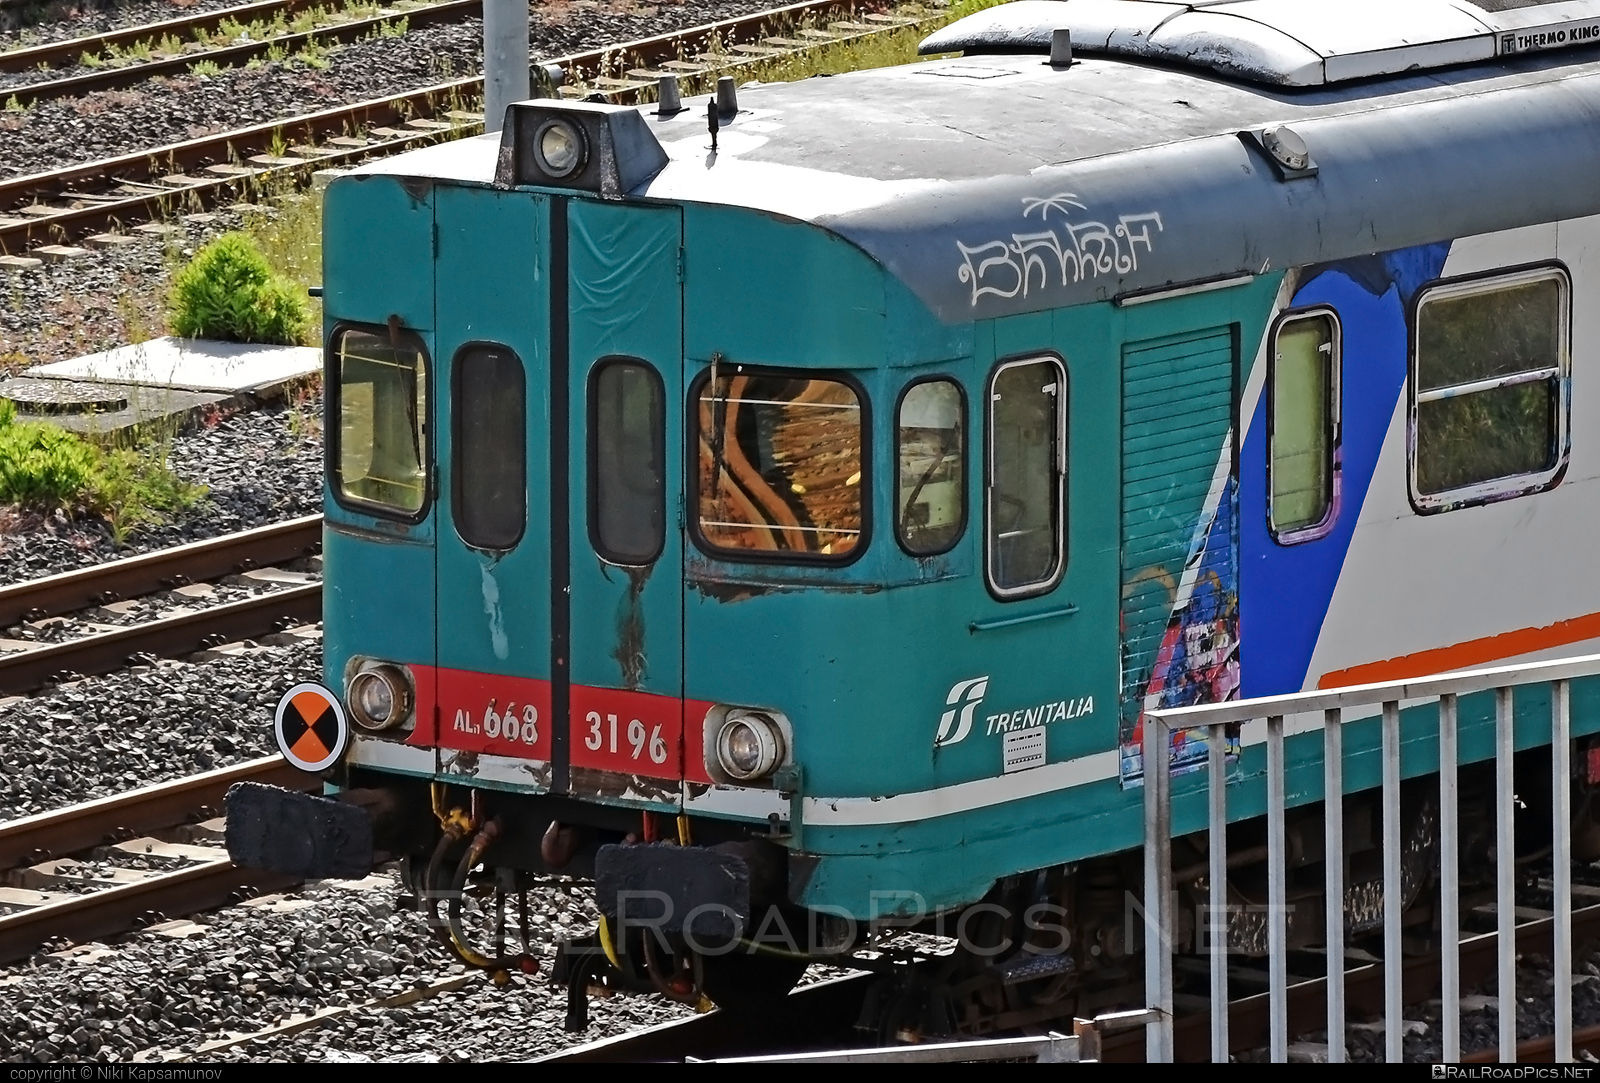 Fiat Ferroviaria ALn 668 - ALn 668 3196 operated by Trenitalia S.p.A. #aln668 #ferroviedellostato #fiataln668 #fiatferroviaria #fiatferroviariaaln668 #fs #fsitaliane #trenitalia #trenitaliaspa